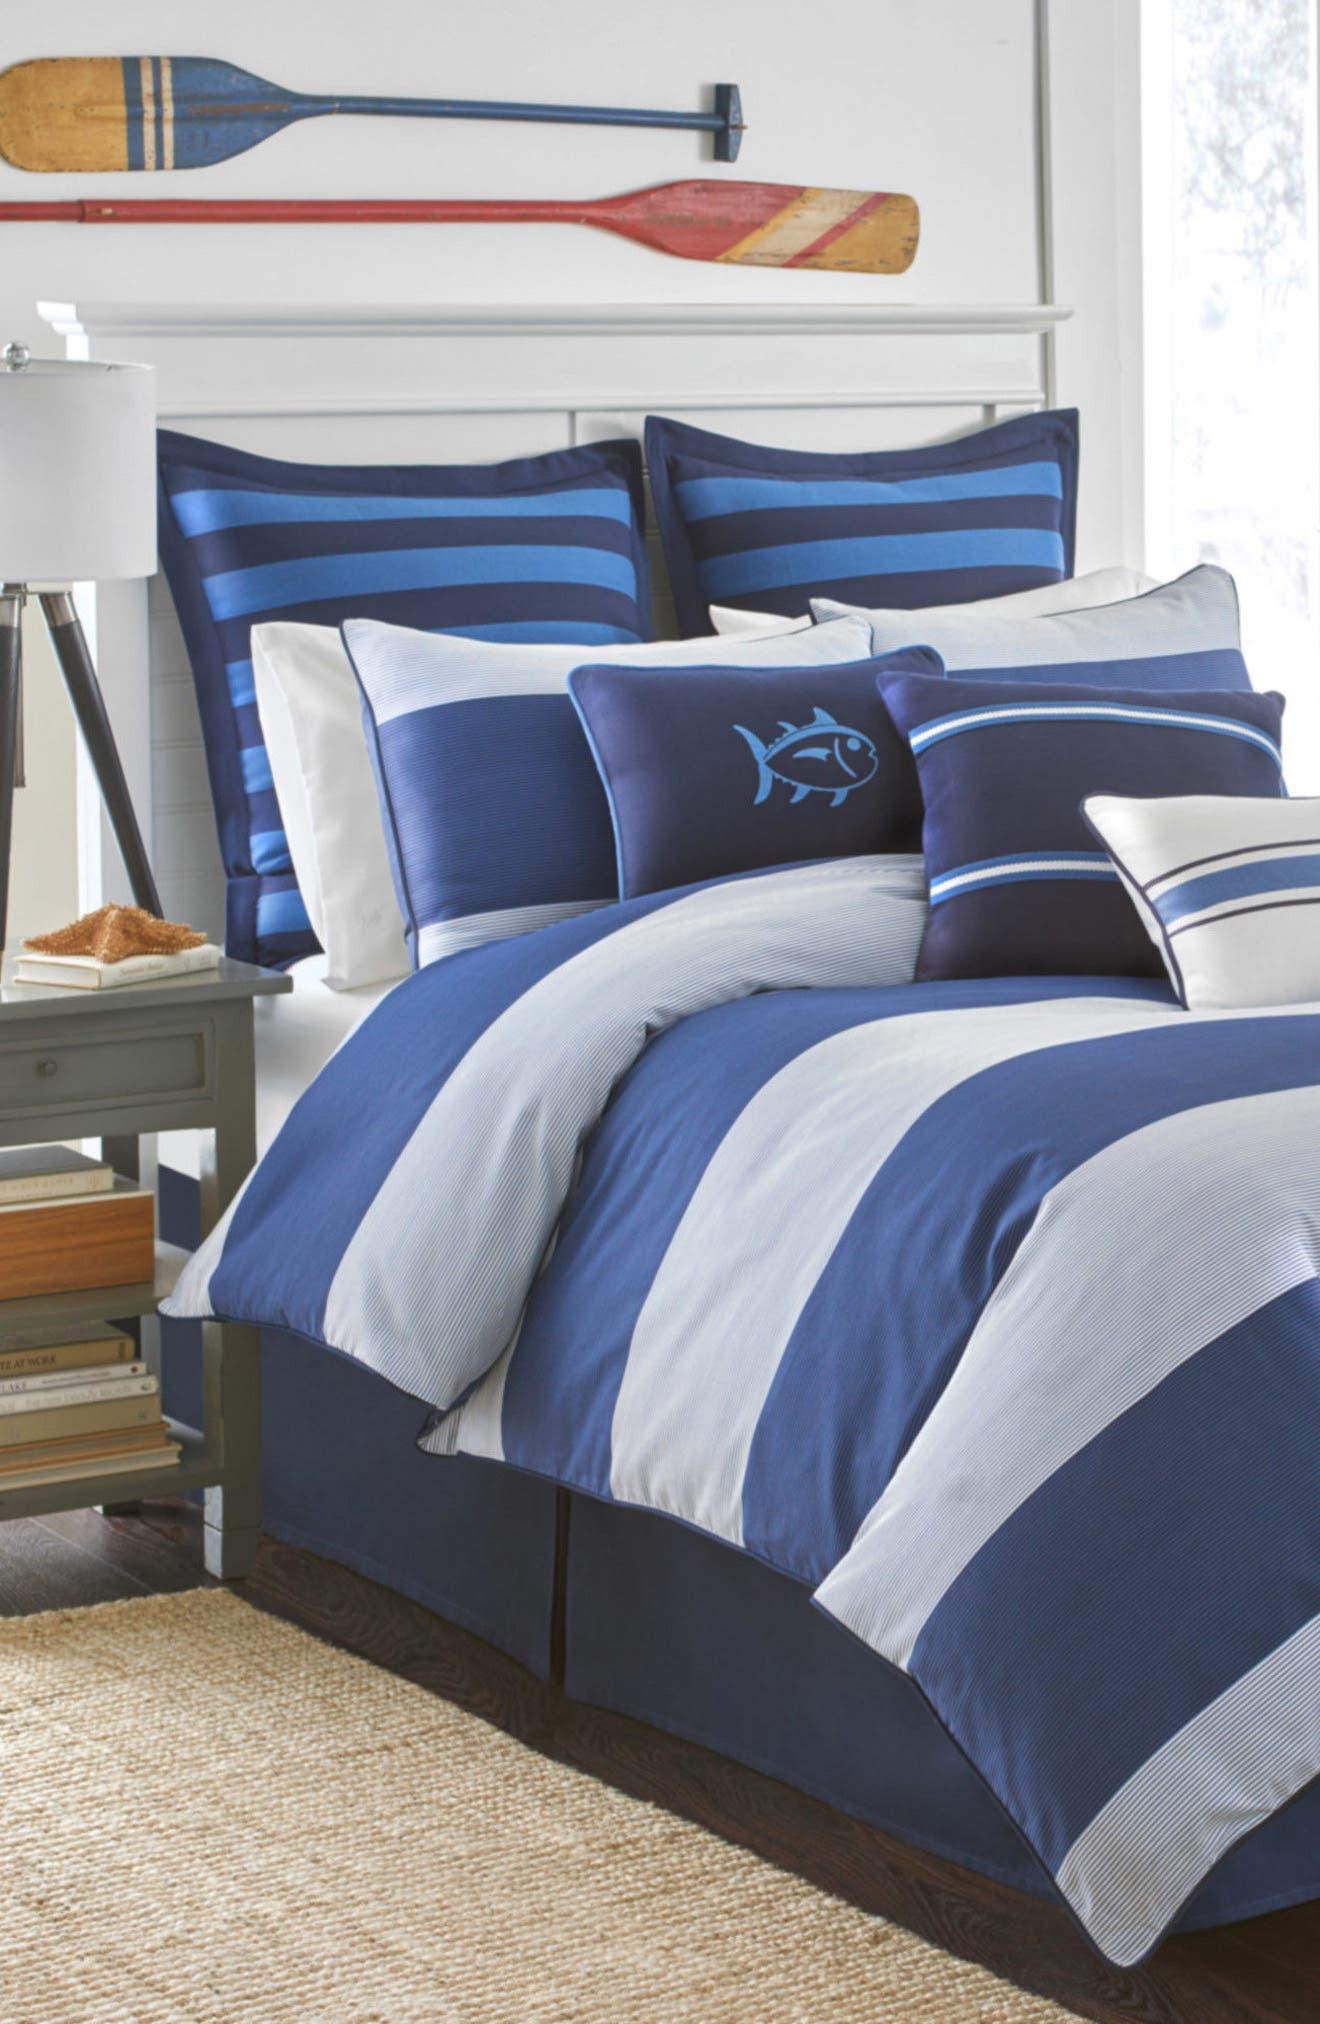 Dock Street Comforter, Sham & Bed Skirt Set,                             Main thumbnail 1, color,                             Blue Stream